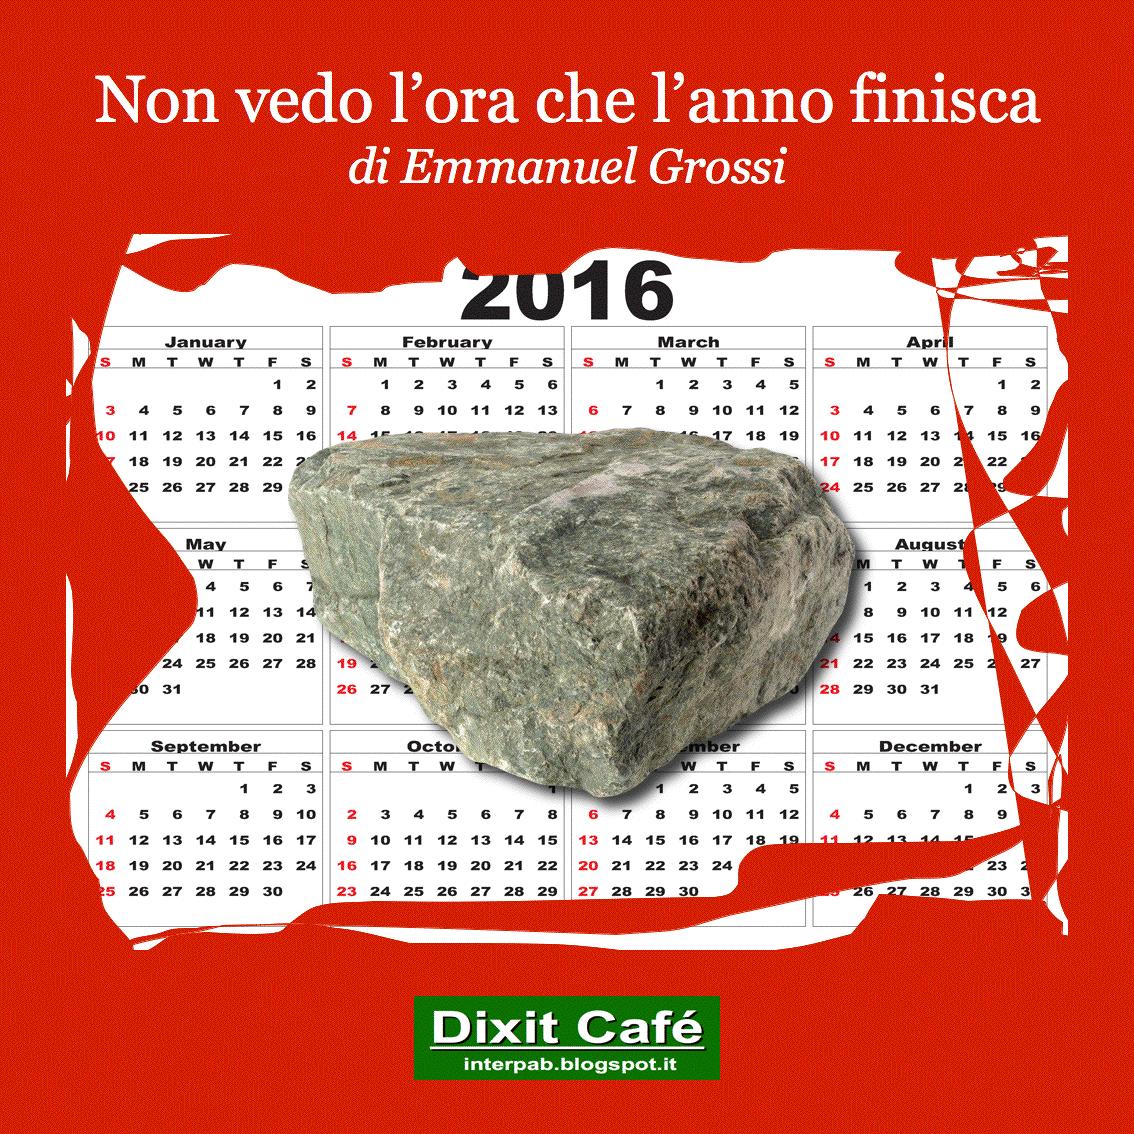 NUOVI Sandali Donna Ex George Caviglia Grazer Pantaloni Taglia 8 12 16 18 20 24